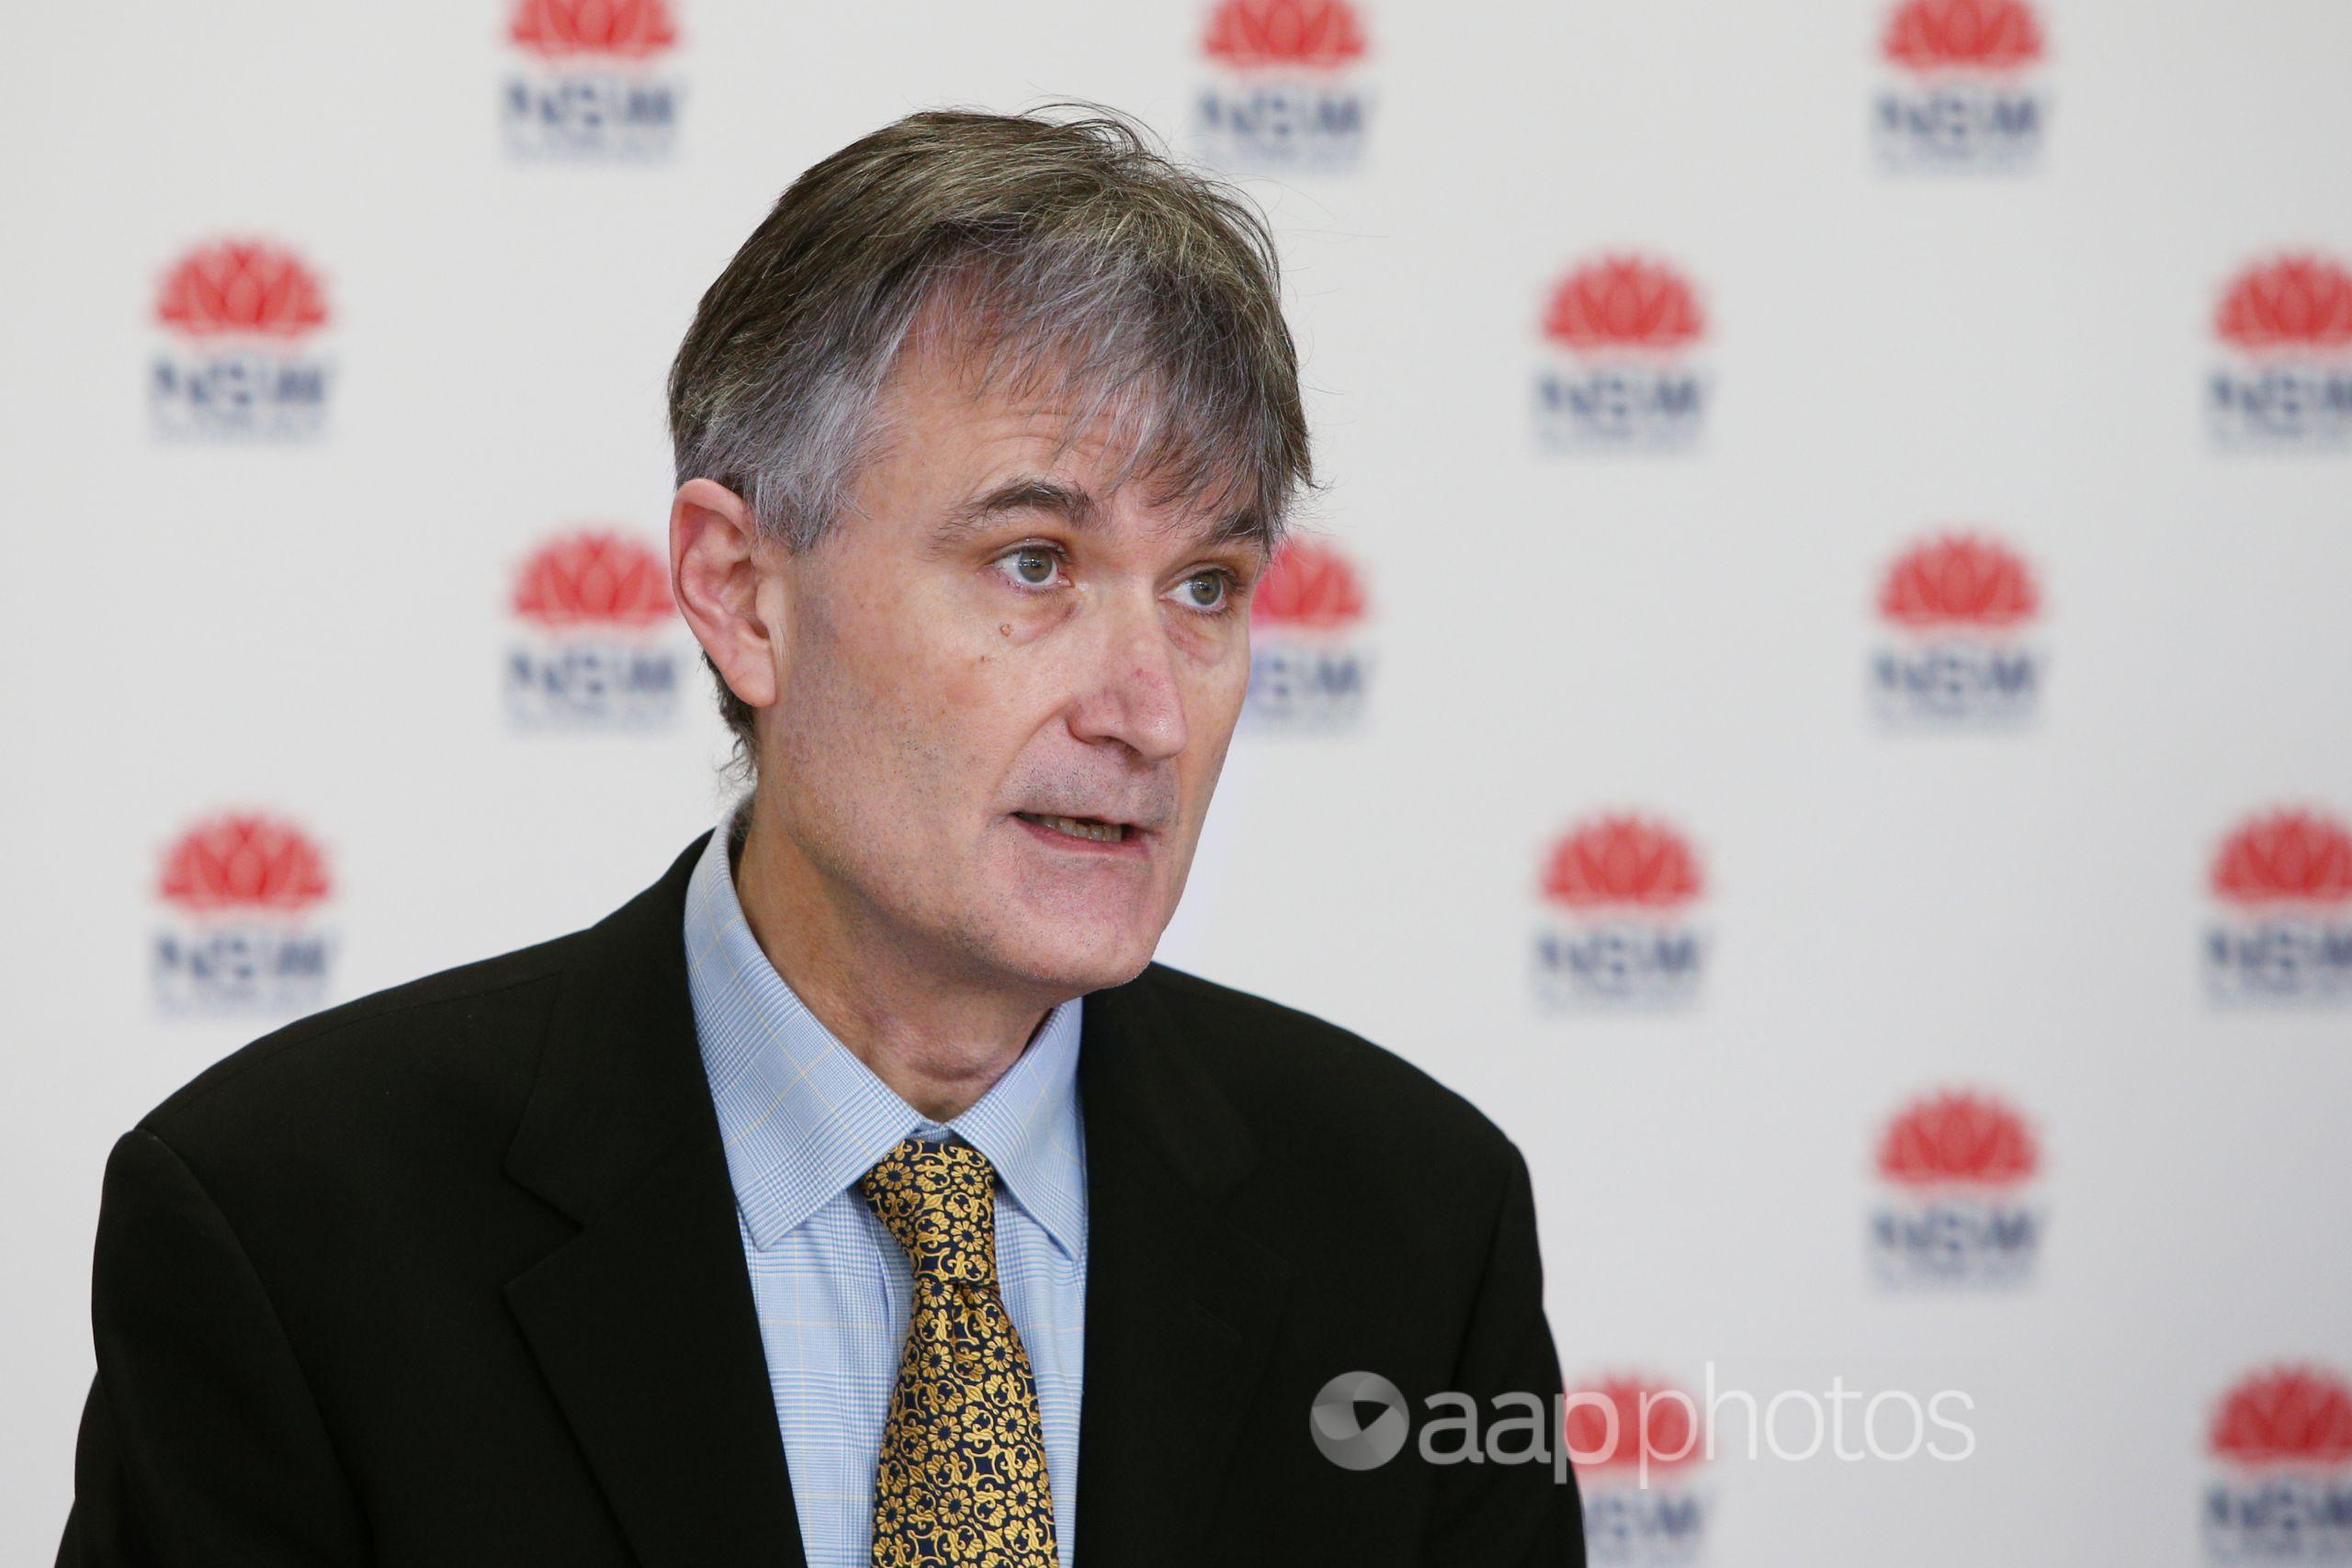 www.aap.com.au